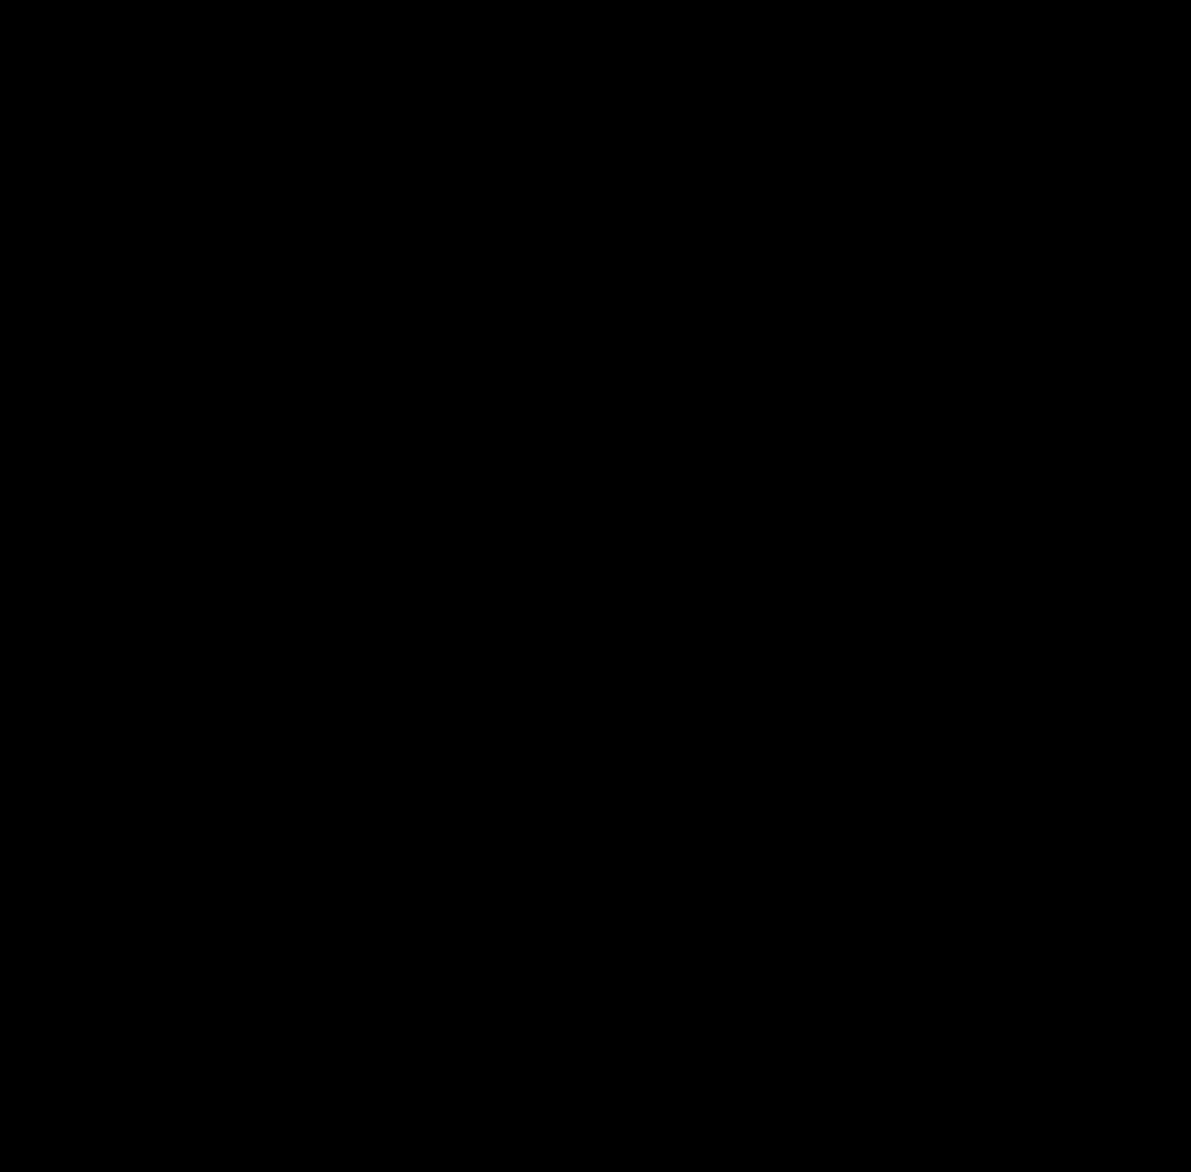 新时代雷火电竞平台-社服雷火网址投资周报:严打化妆品走私利好免税业,离岛免税政策继续松绑-210113